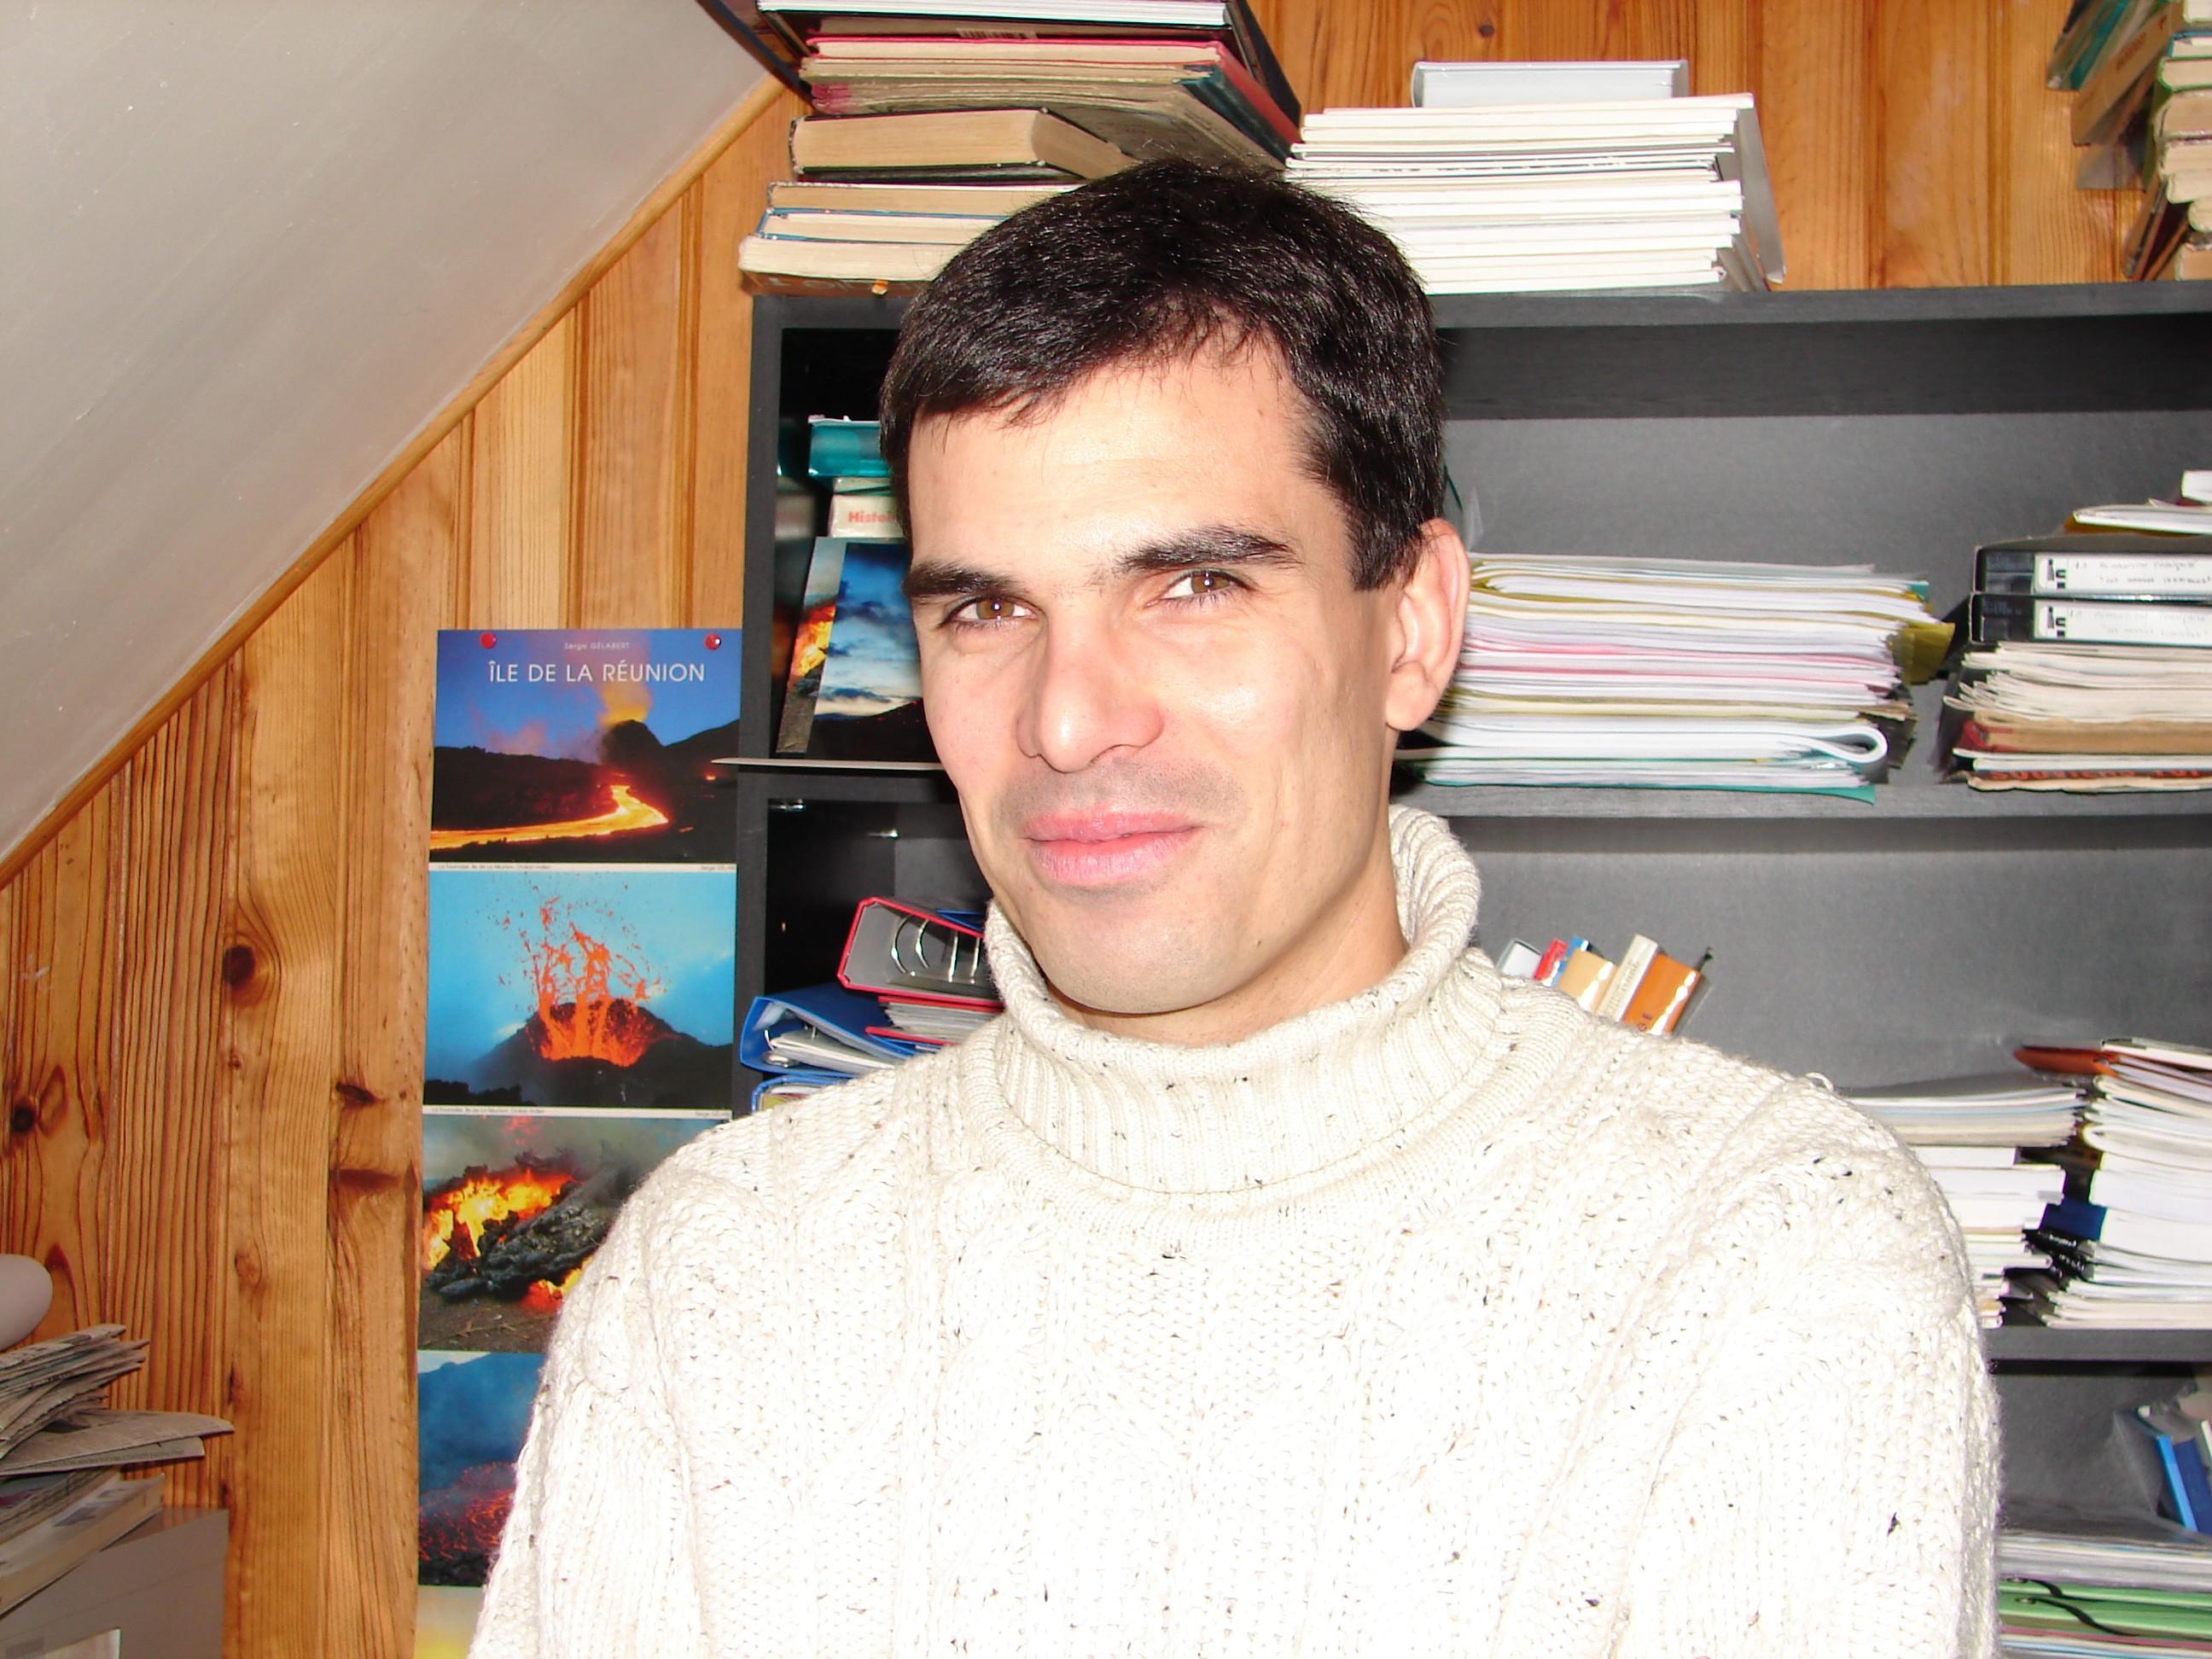 http://www.cpmhe.fr/IMG/jpg/photoGGauvinDSC00066.jpg